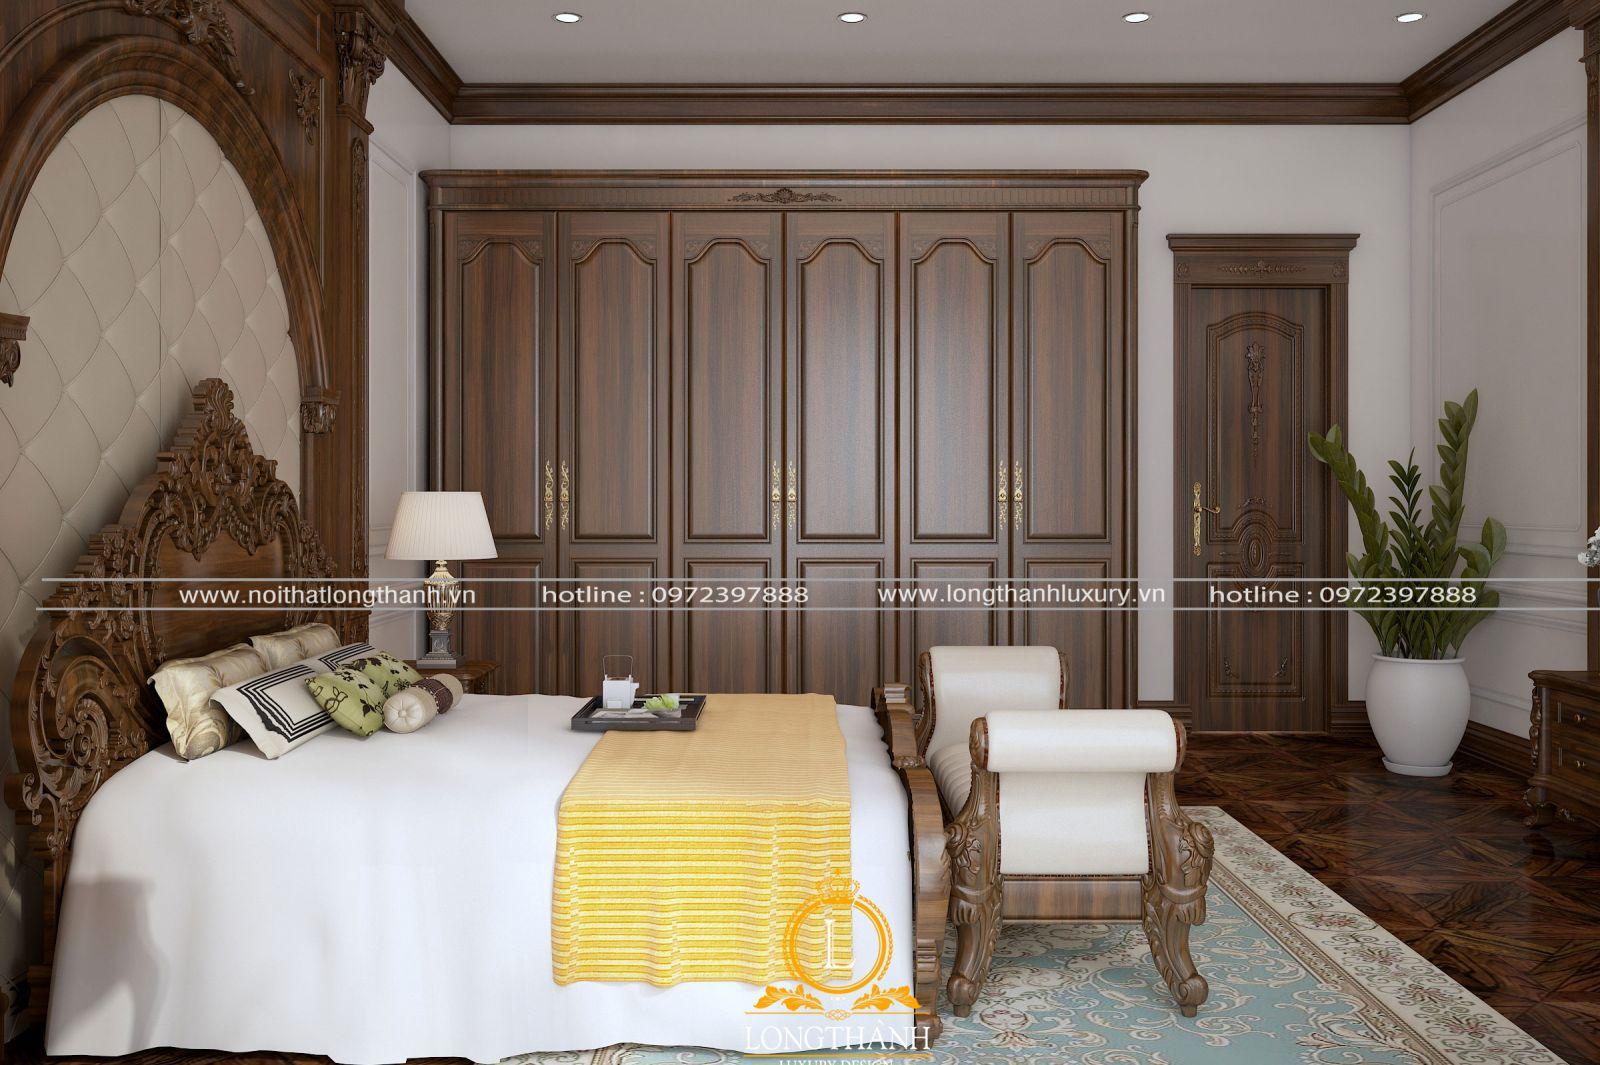 Góc nhìncủa phòng ngủ với tone màu nâu và têm điểm bằng ga giường sắc cam nổi bật